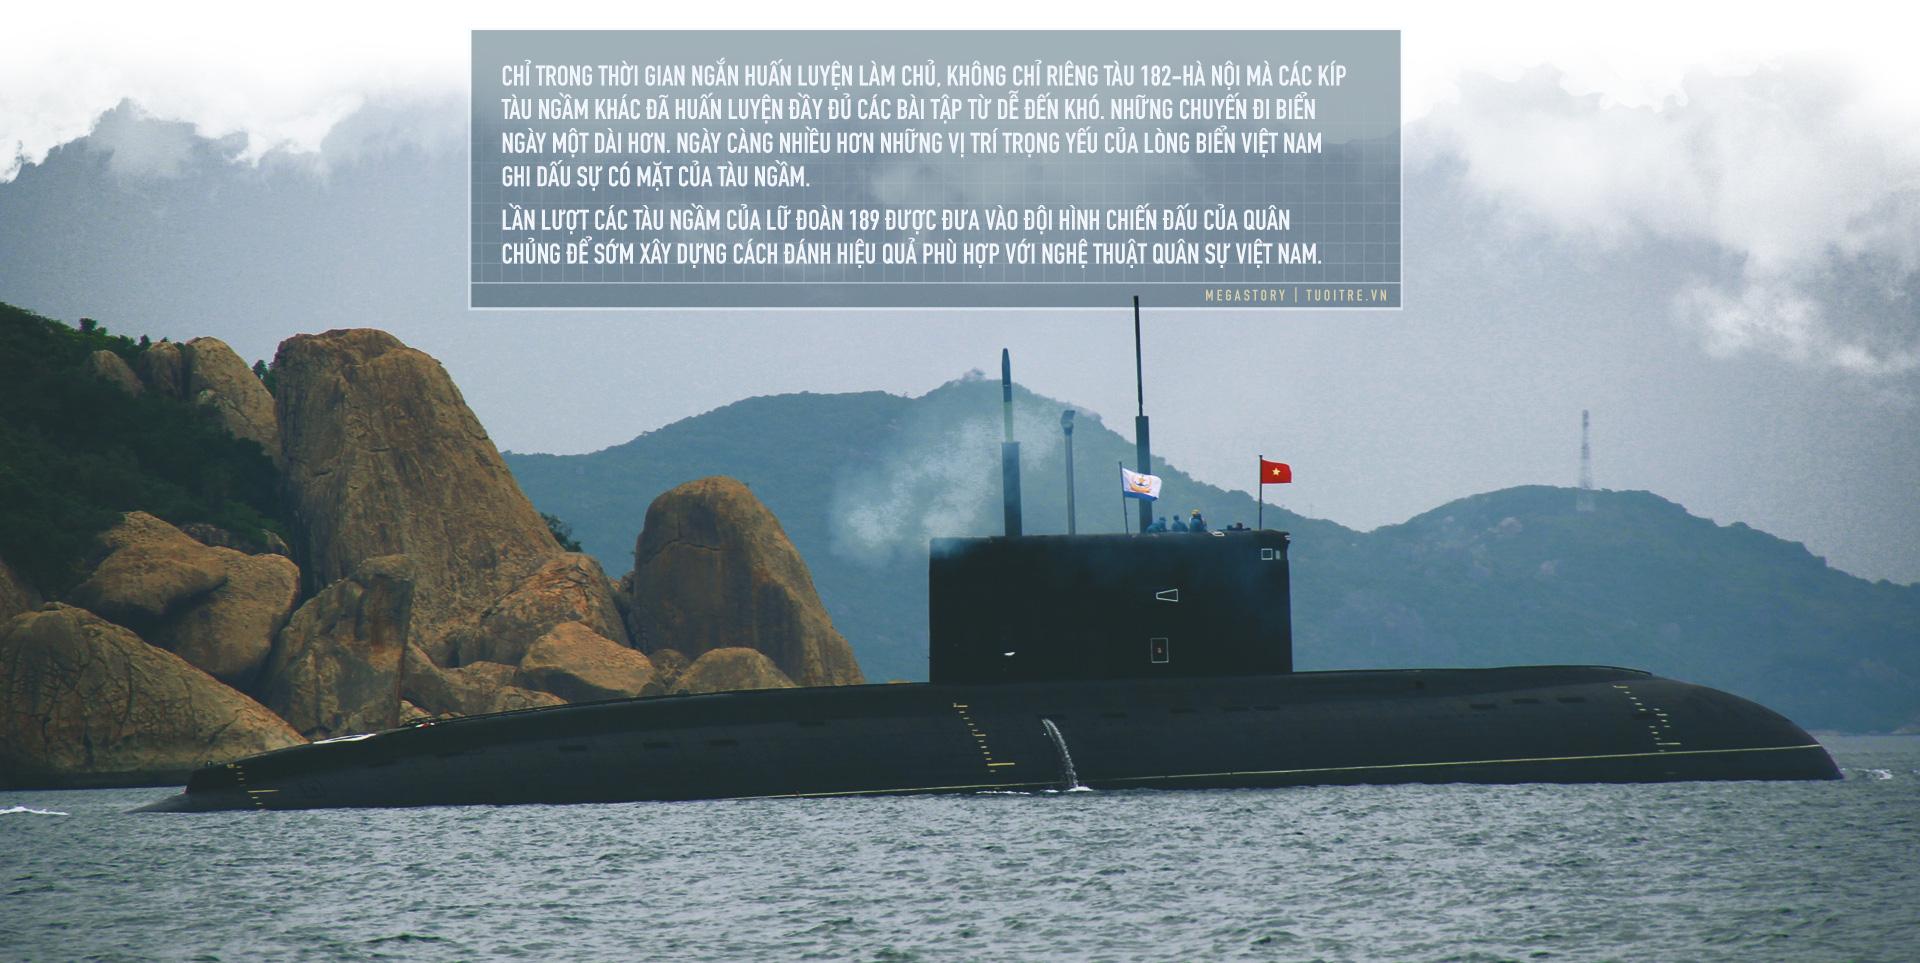 Kíp tàu ngầm đầu tiên của Việt Nam - những câu chuyện bây giờ mới kể - Ảnh 16.